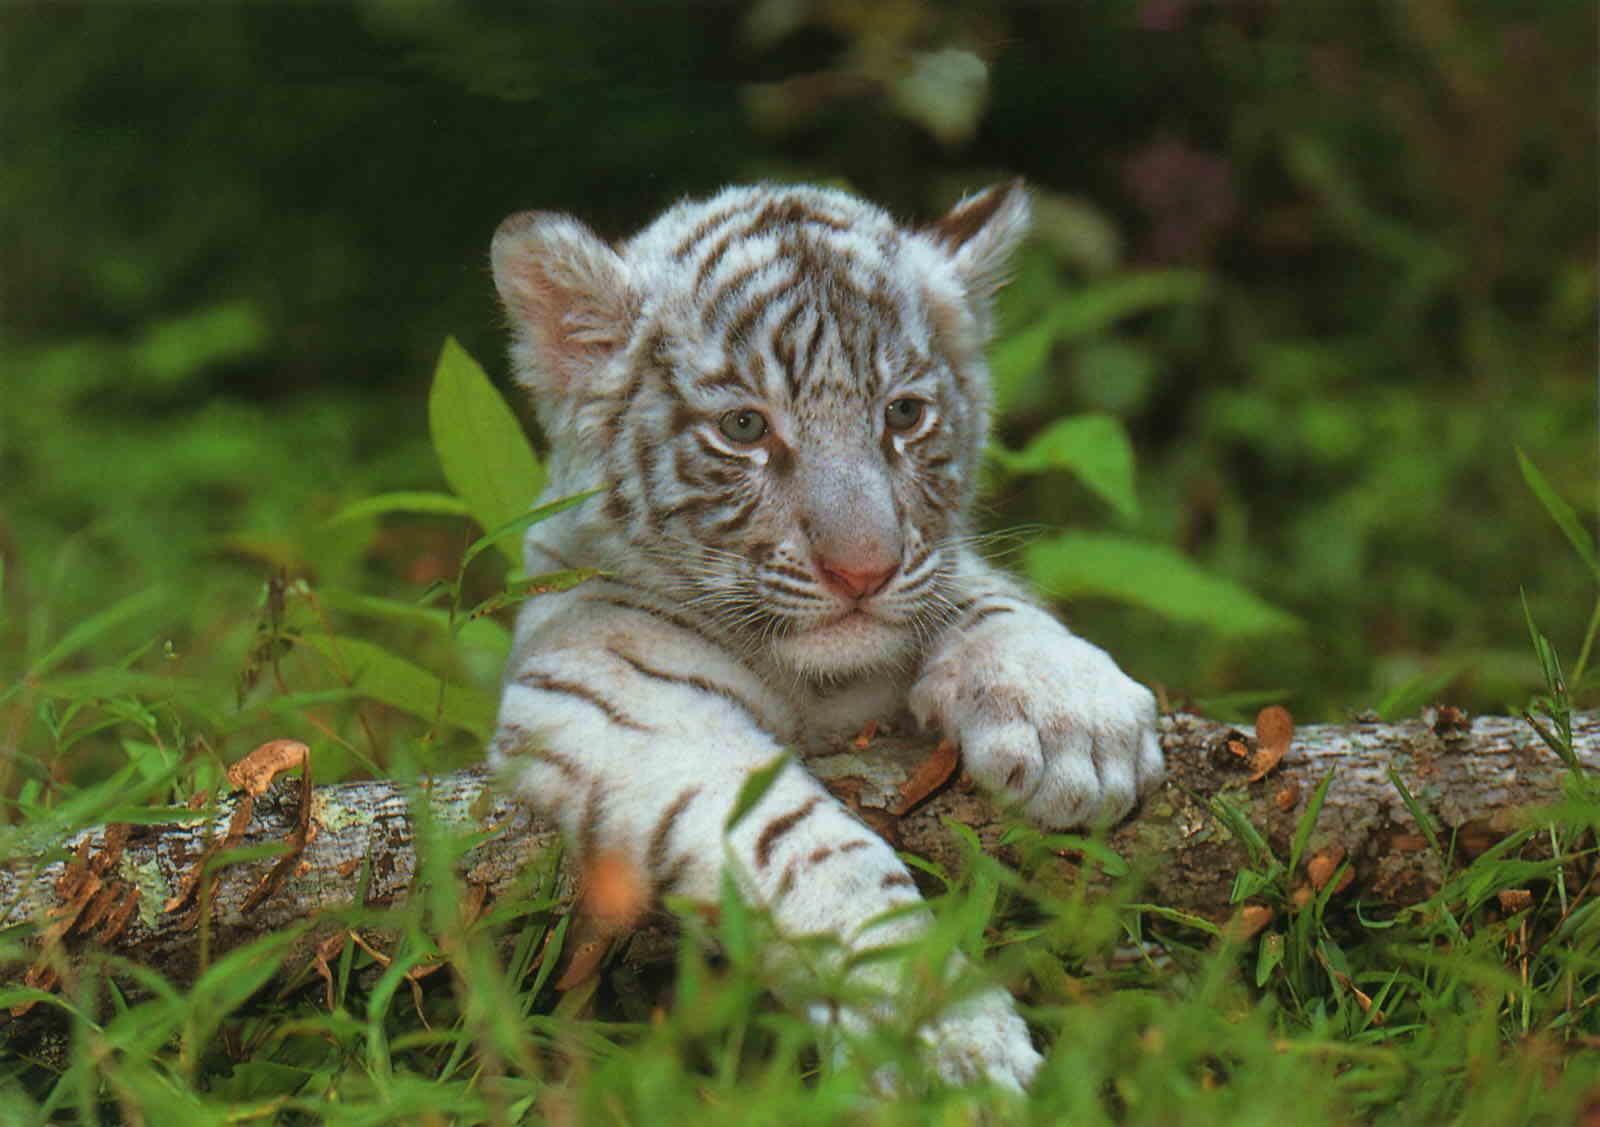 Le b b tigre - Image des mignon ...